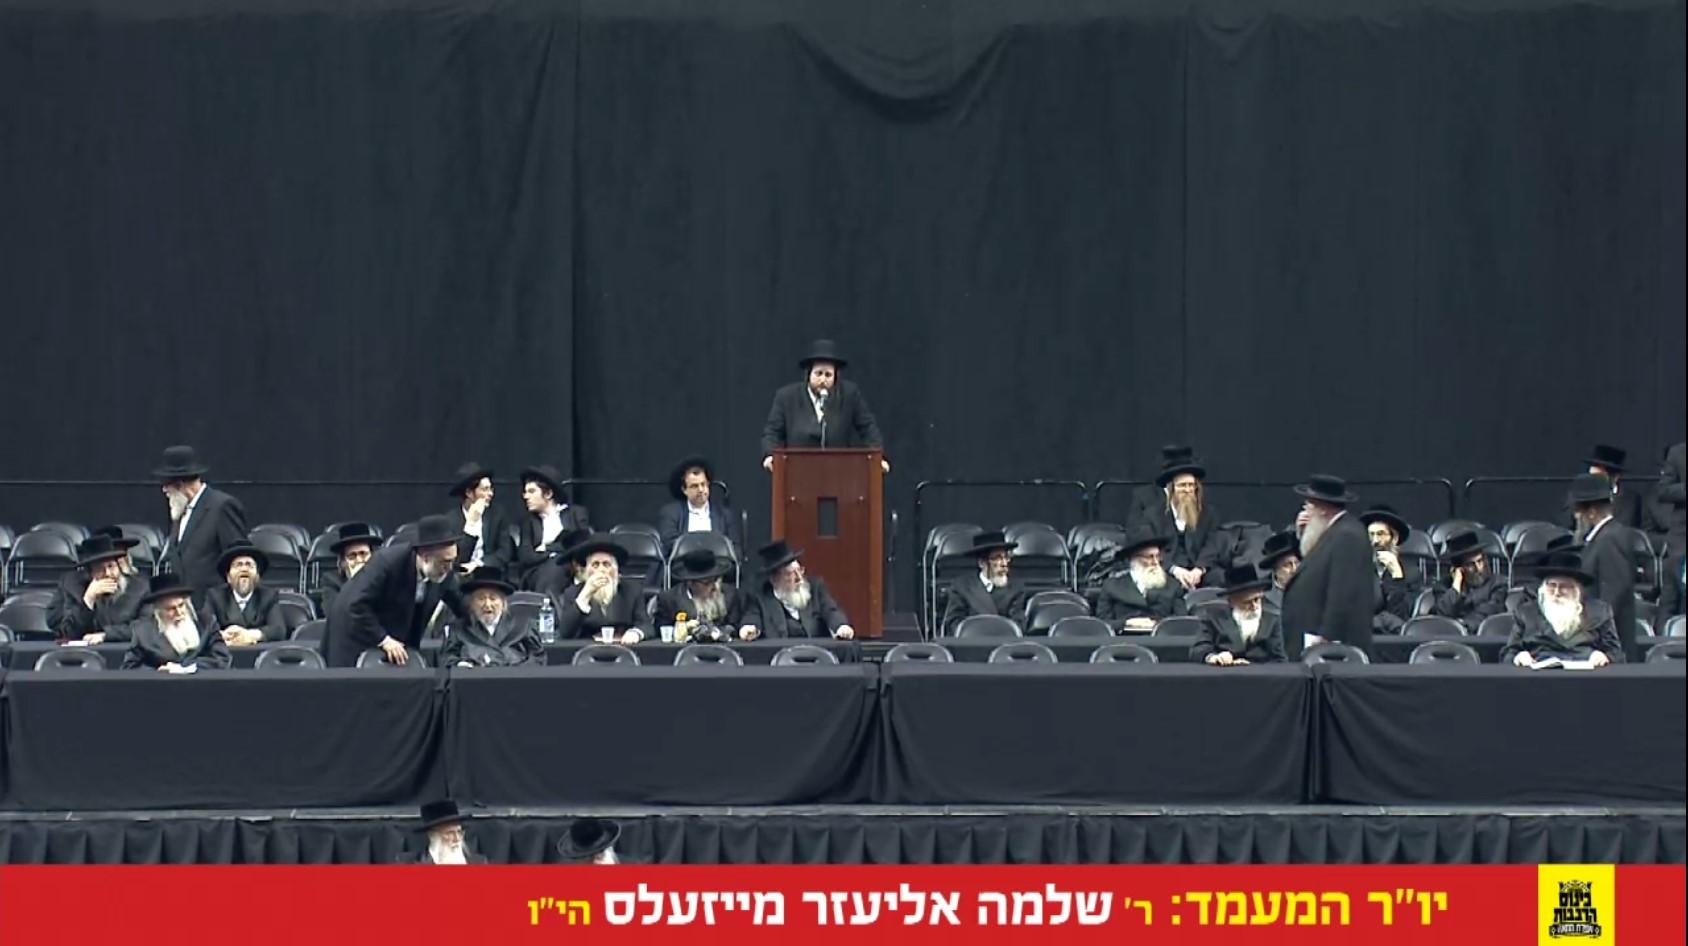 שידור חוזר: כינוס הרבבות בארצות הברית, נגד 'גזירת הגיוס' בישראל